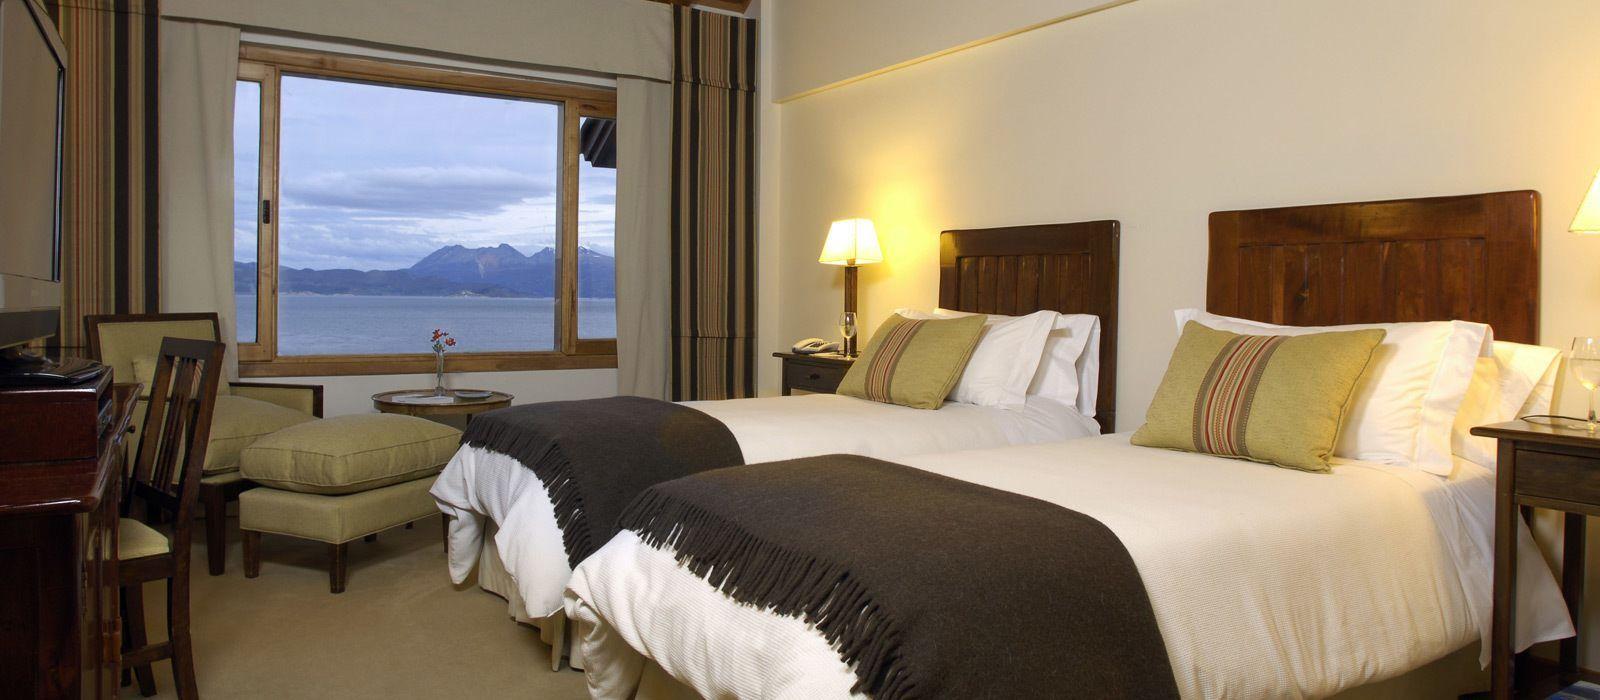 Hotel Los Cauquenes Argentina